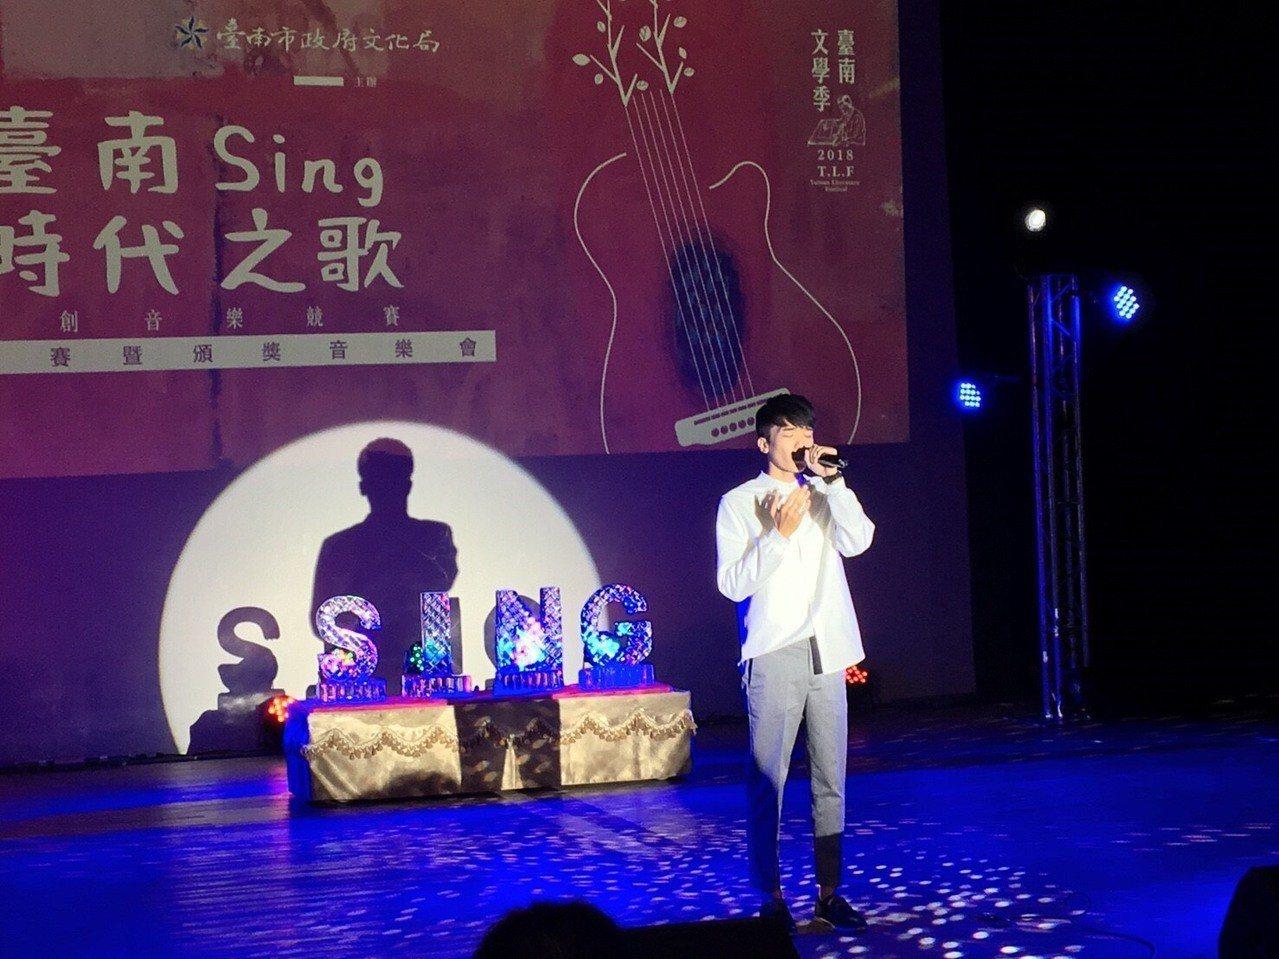 台南市文化局舉辦「2018臺南sing時代之歌原創音樂競賽」 圖/文化局提供